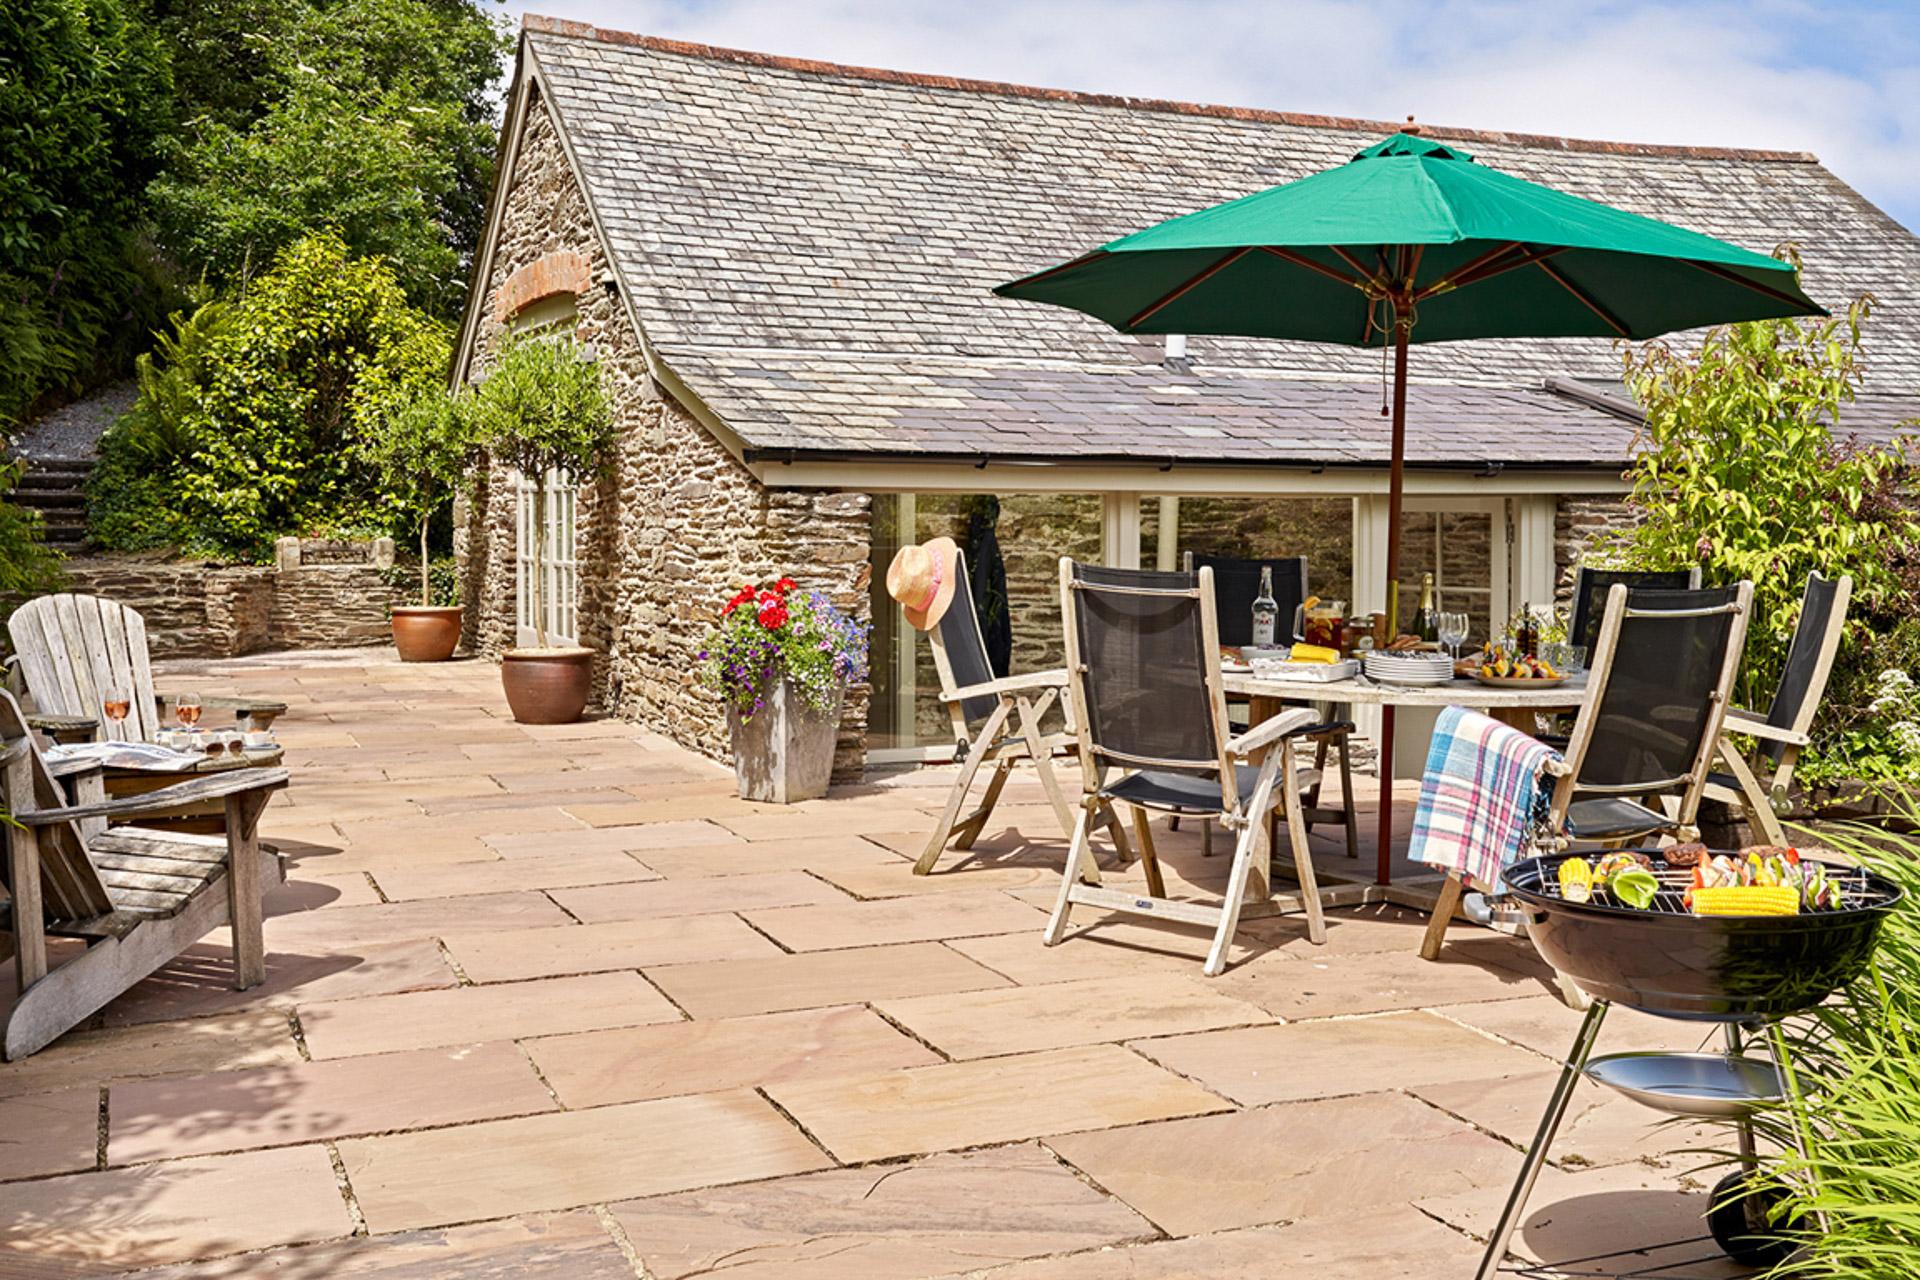 Garden House at Gitcombe Estate